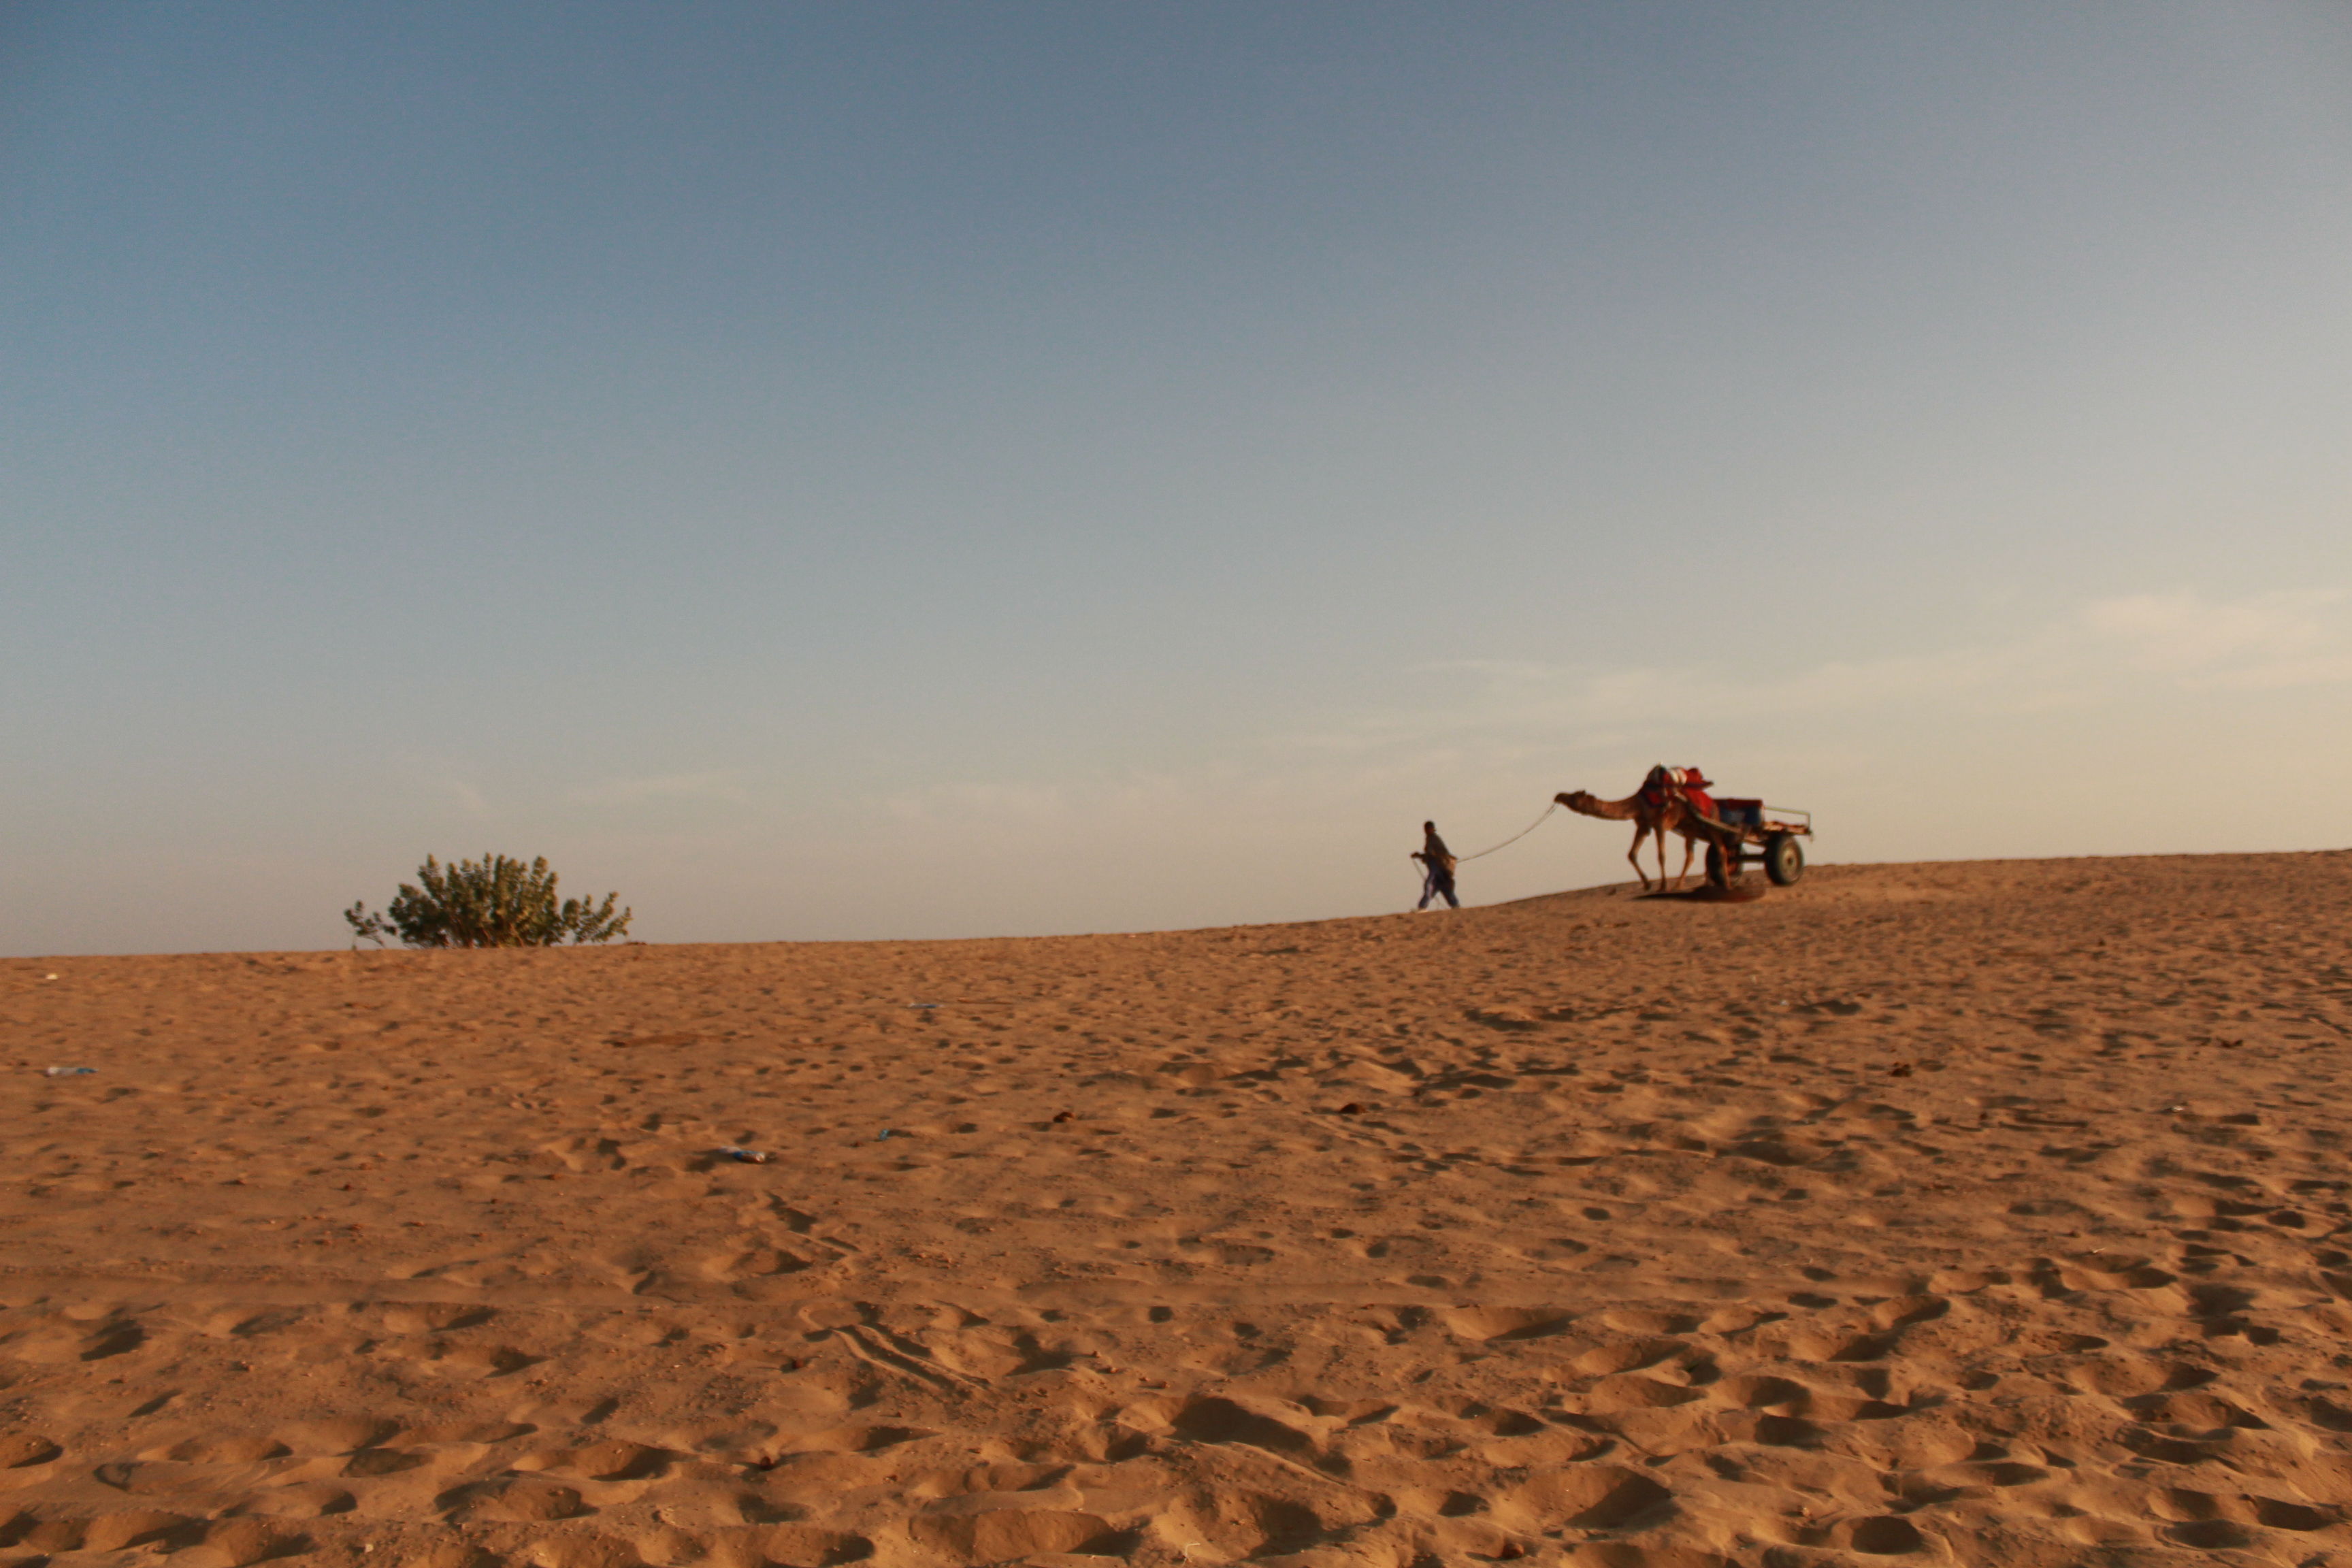 thar desert country